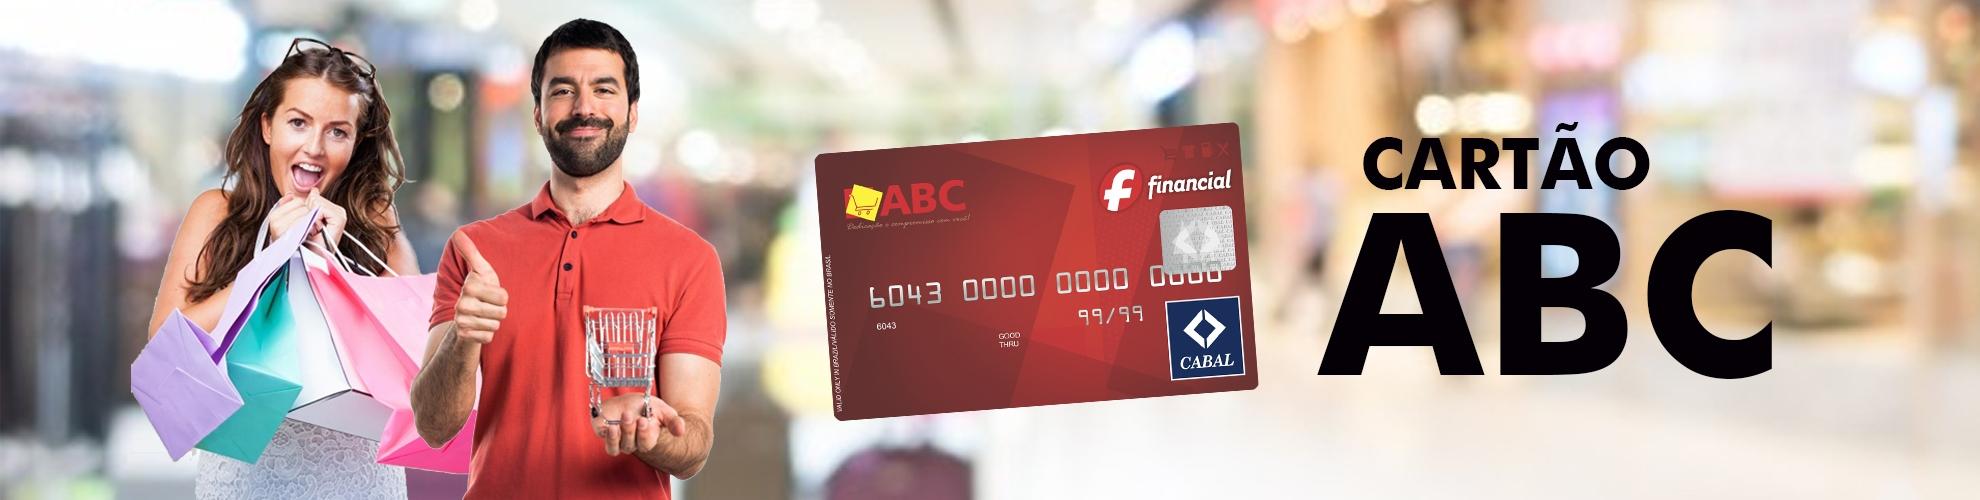 Score baixo? Confira uma dica de cartão de crédito com fácil aprovação